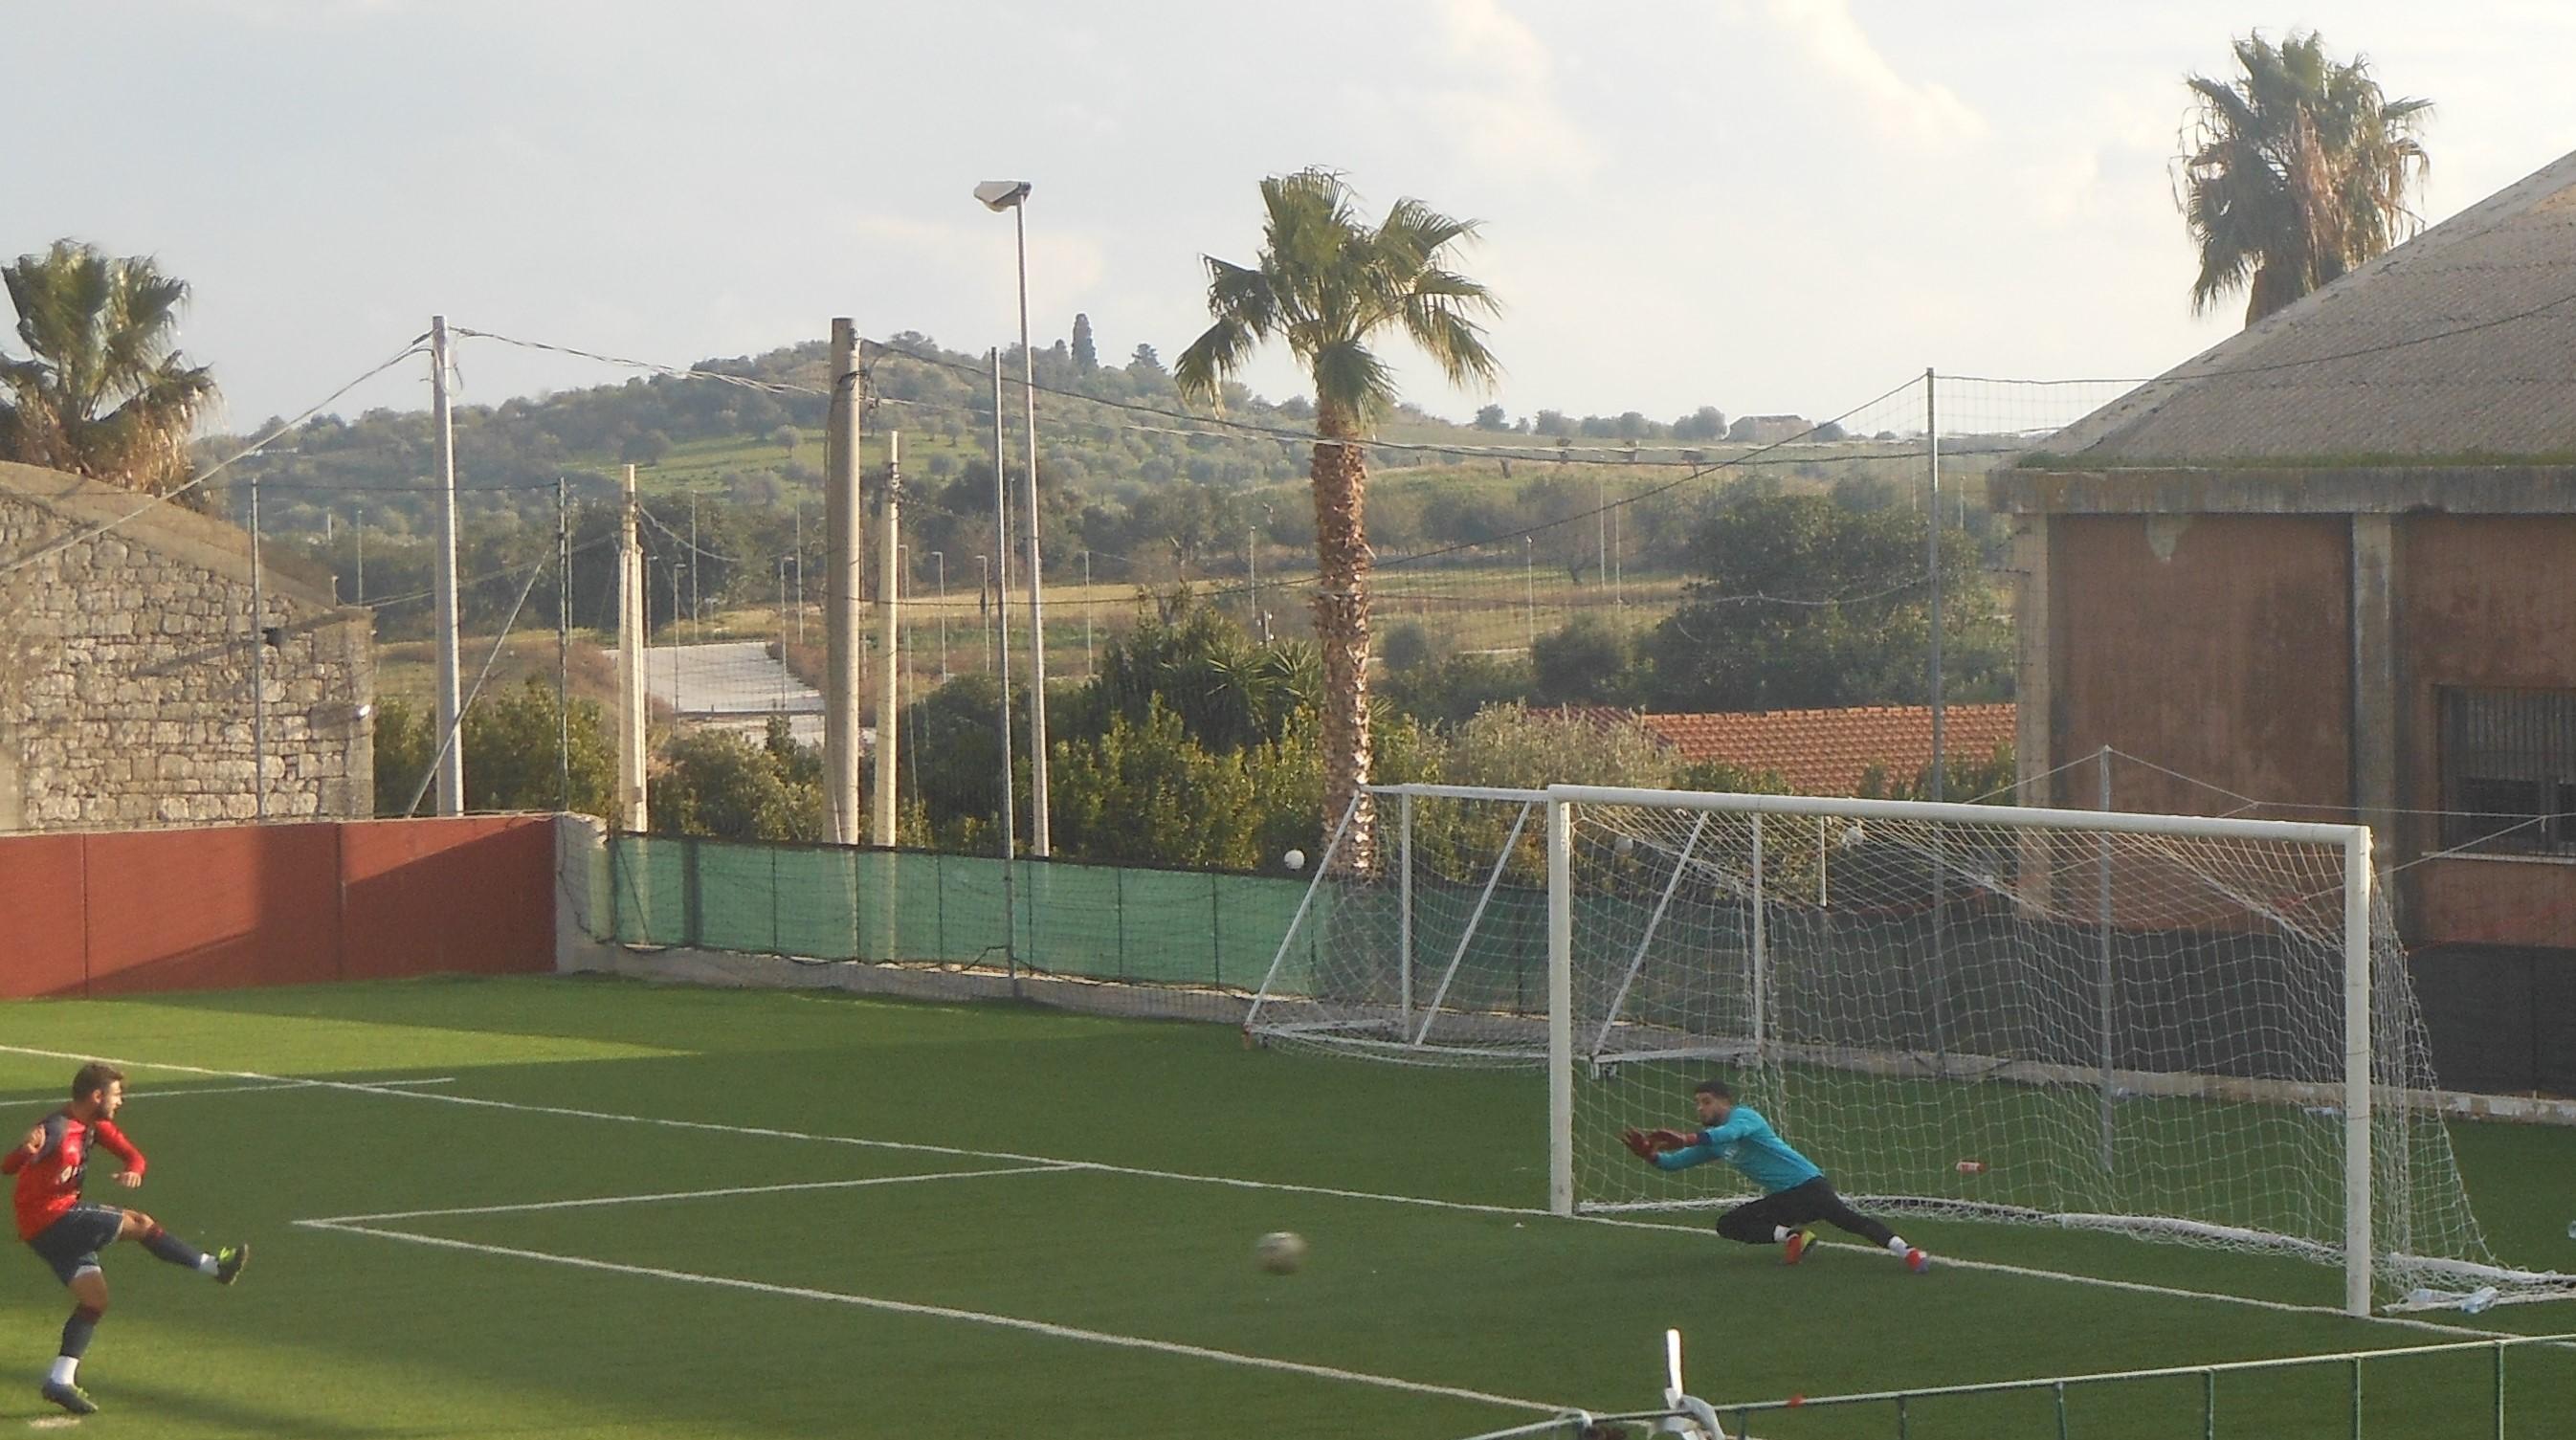 Calcio, Promozione: un Modica mai domo batte la Virtus Ispica all'ultimo respiro (3 a 2)